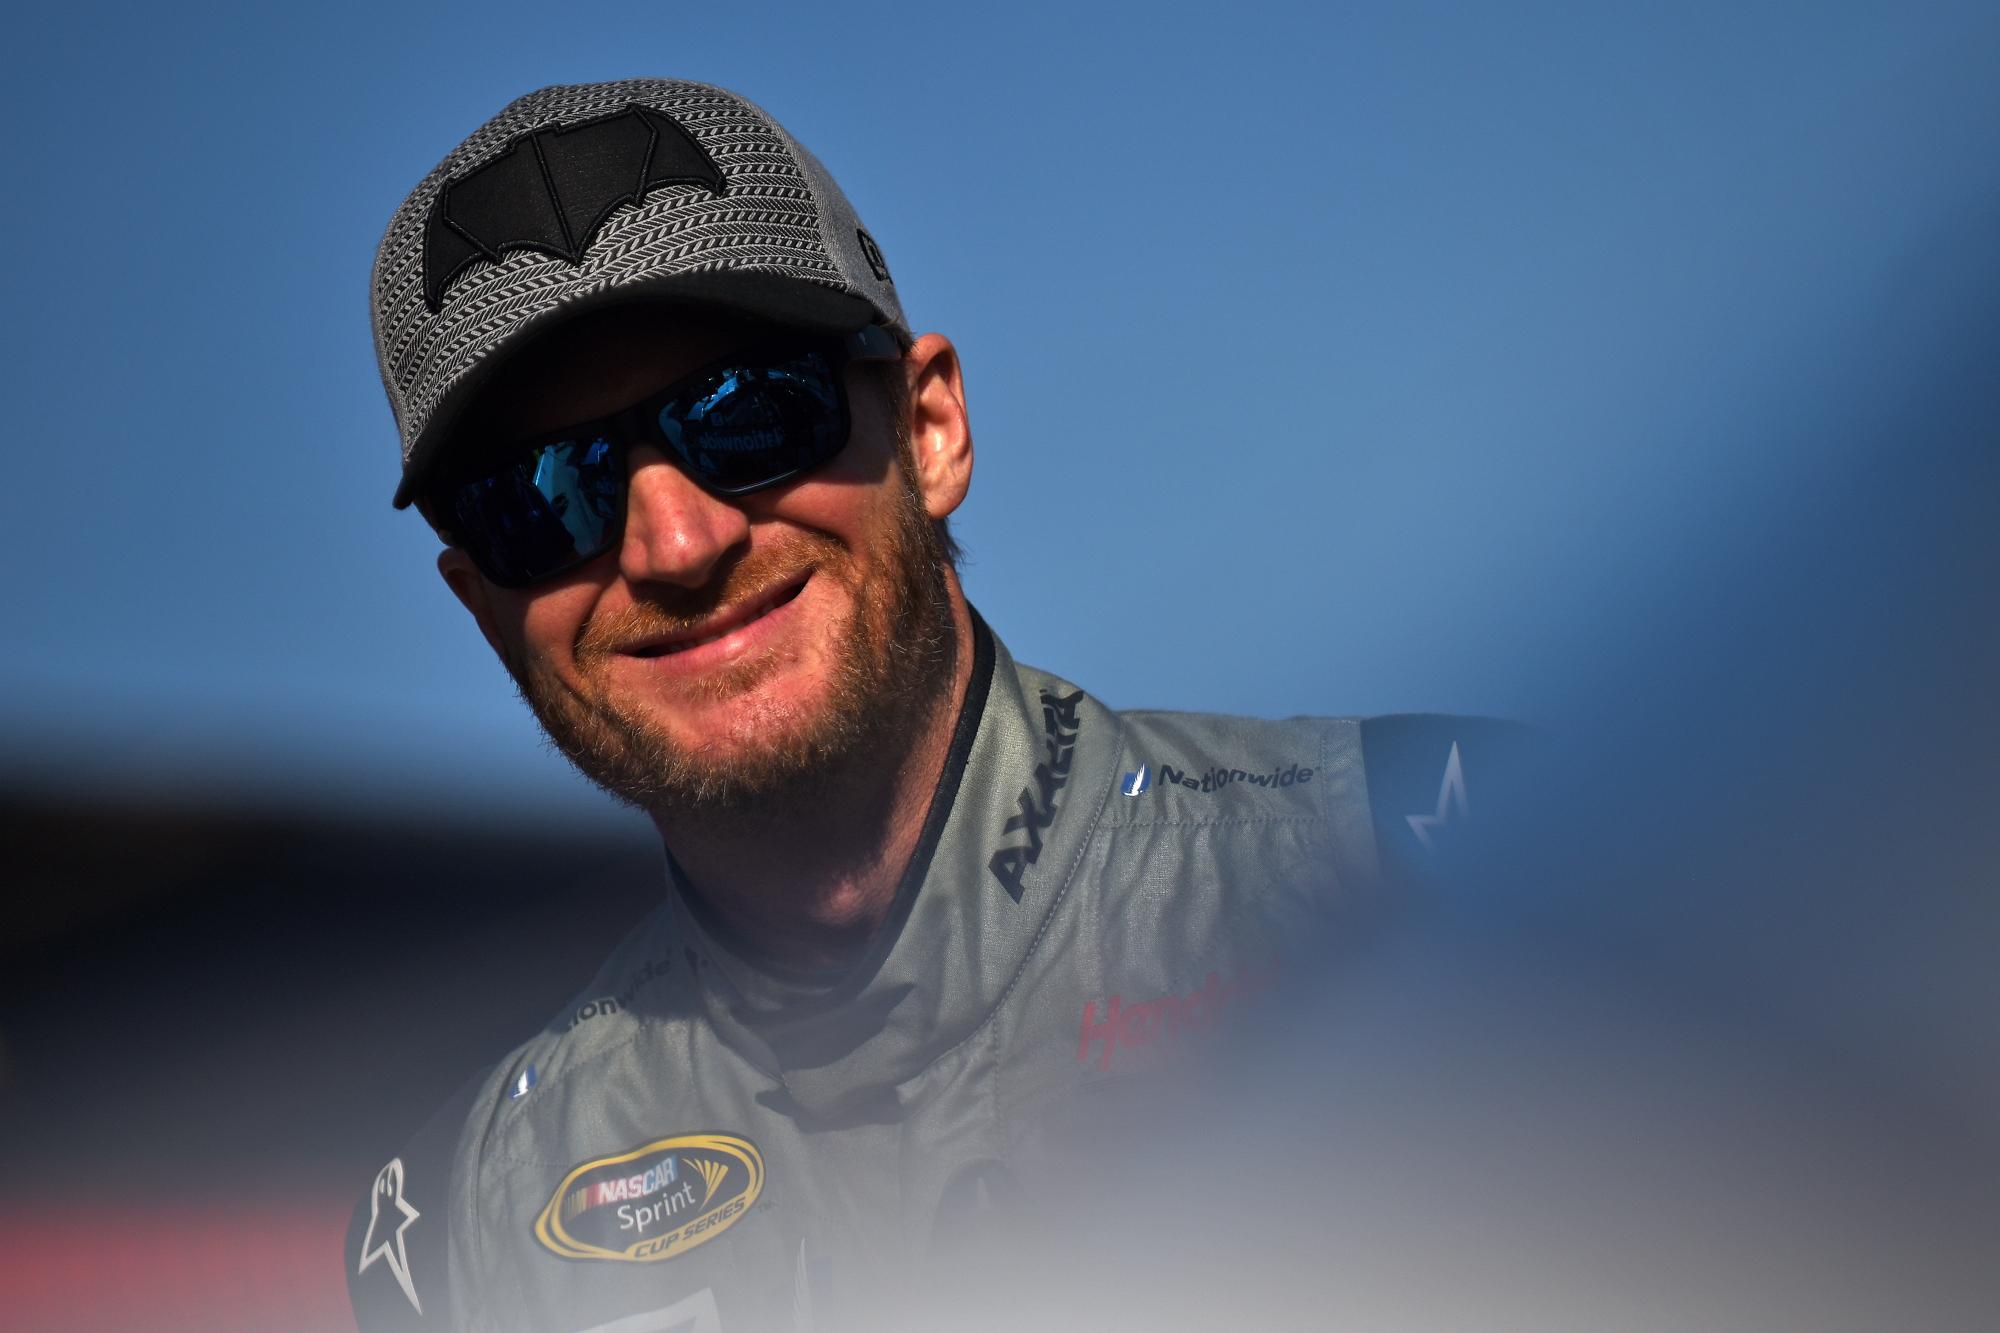 a smiling NASCAR driver